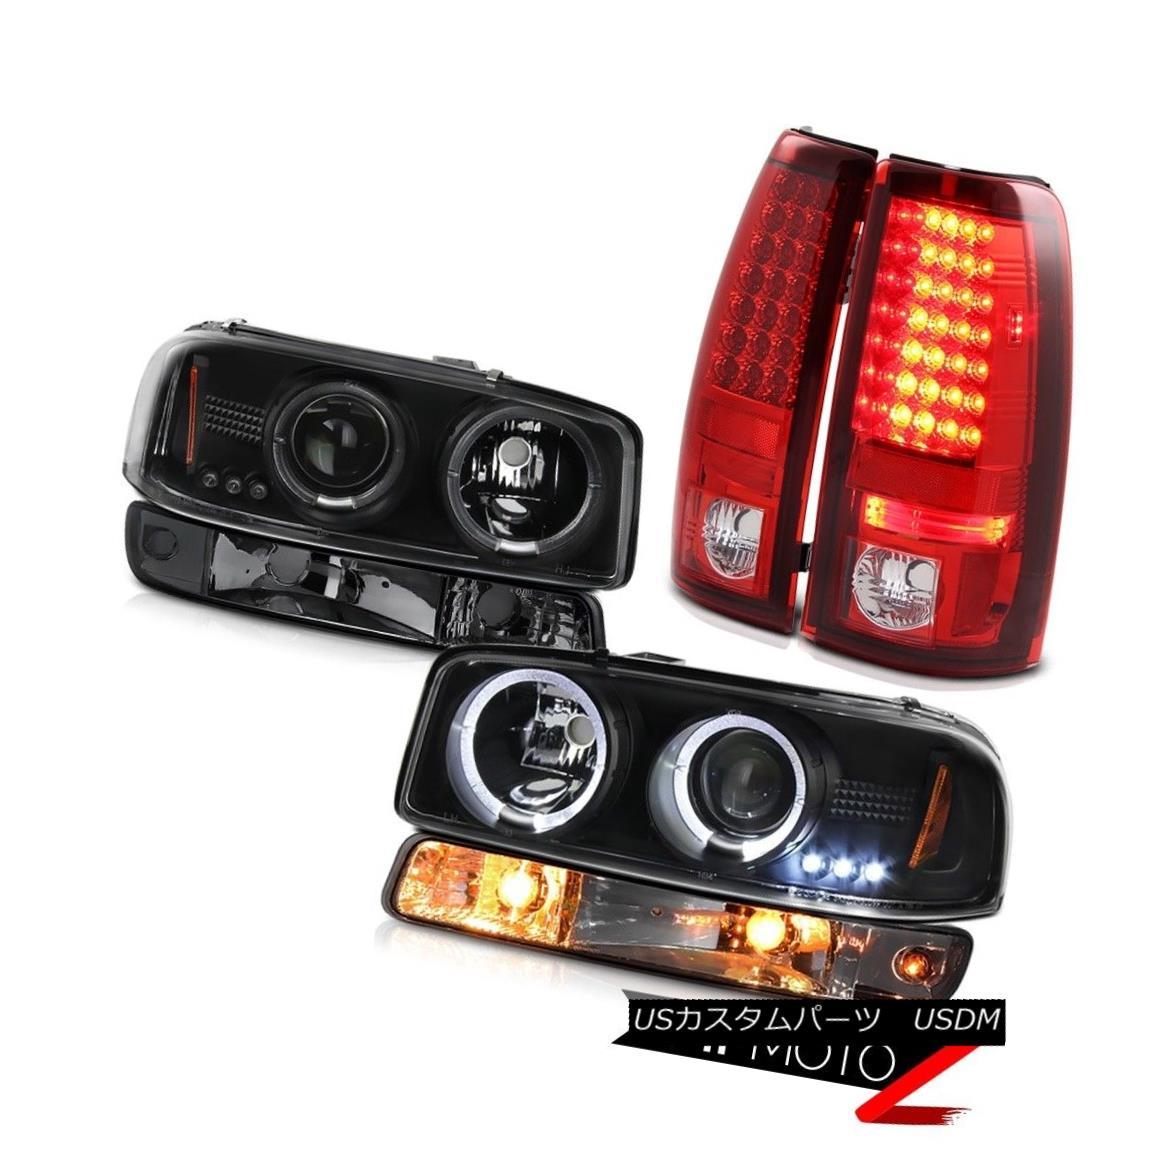 ヘッドライト 99-06 Sierra 6.0L Parking brake lights smokey bumper lamp matte black headlamps 99-06 Sierra 6.0L駐車ブレーキライトスモーバンパーランプマットブラックヘッドランプ